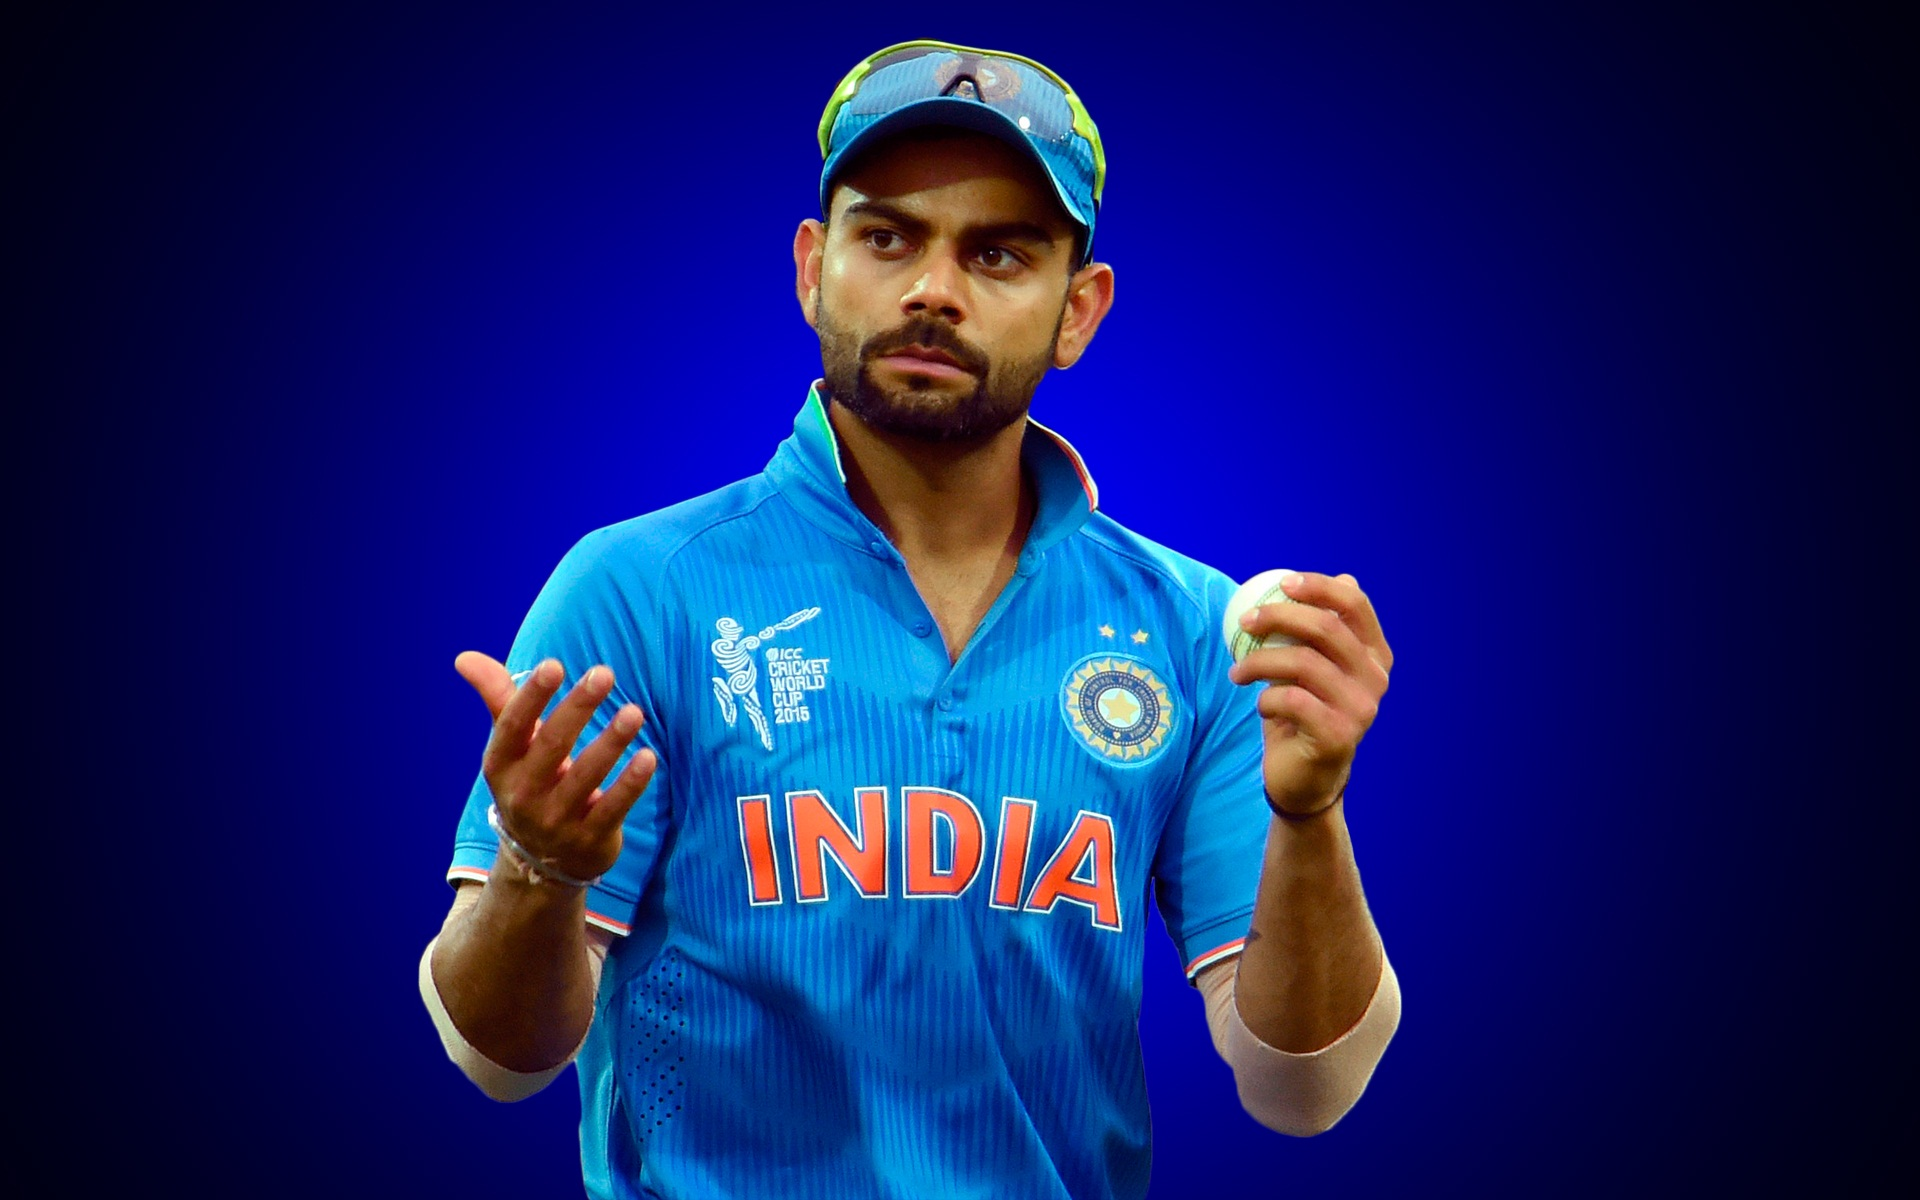 kohli-hd-Images-Indian-Cricket-Super-Star